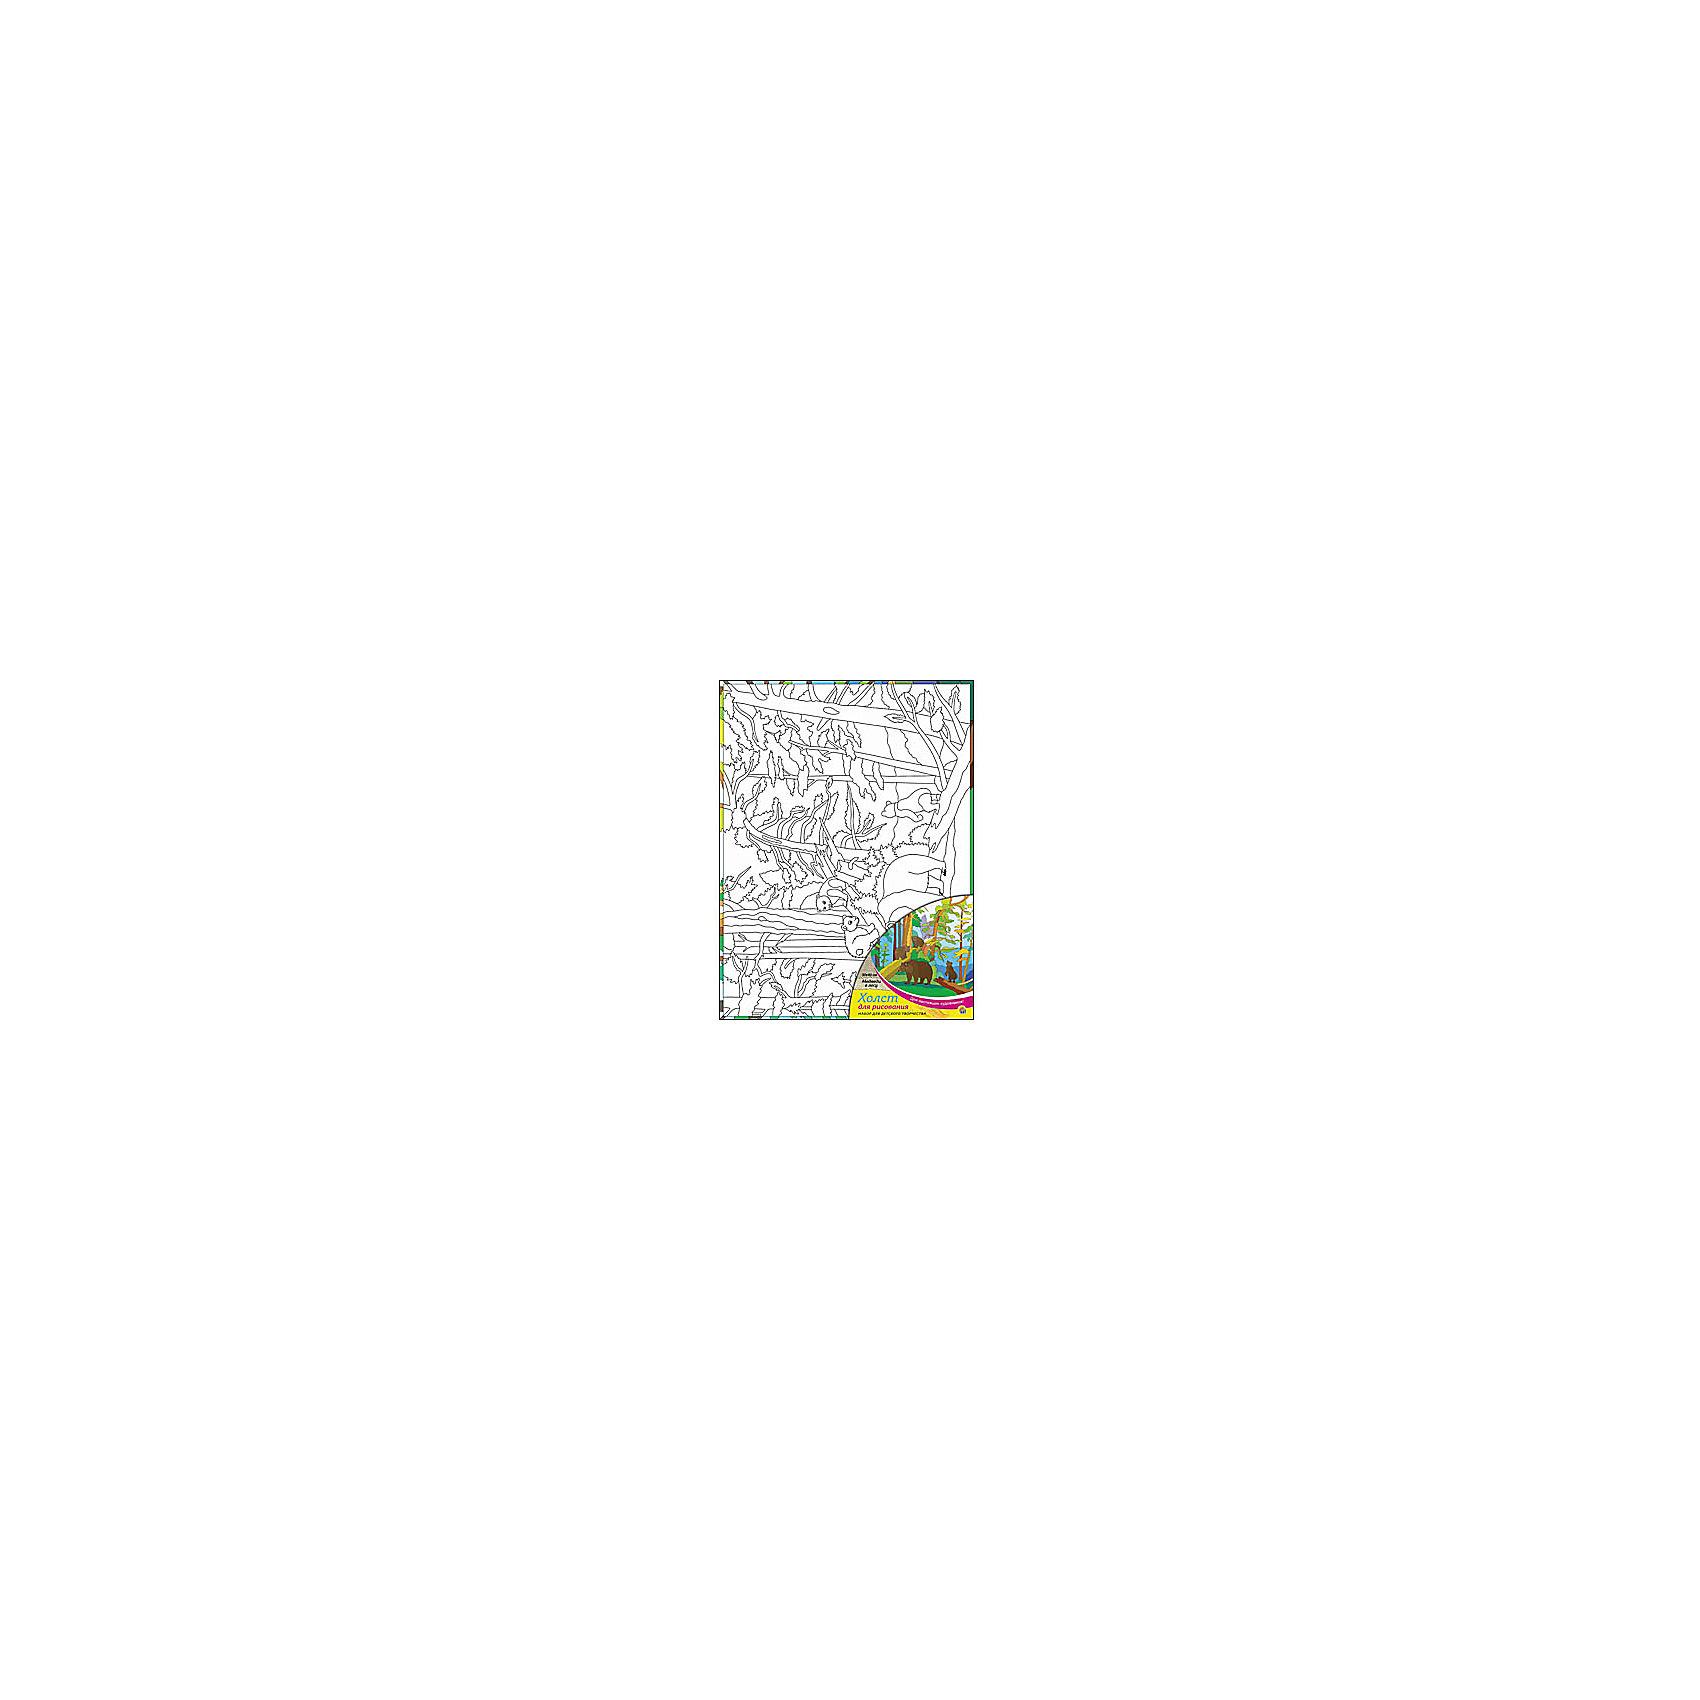 Холст с красками Медведи в лесу 30х40 смРисование<br>замечательные наборы для создания уникального шедевра изобразительного искусства. Создание картин на специально подготовленной рабочей поверхности – это уникальная техника, позволяющая делать Ваши шедевры более яркими и реалистичными. Просто нанесите мазки на уже готовый эскиз и оживите картину! Готовые изделия могут стать украшением интерьера или прекрасным подарком близким и друзьям.<br><br>Ширина мм: 300<br>Глубина мм: 400<br>Высота мм: 15<br>Вес г: 733<br>Возраст от месяцев: 36<br>Возраст до месяцев: 108<br>Пол: Унисекс<br>Возраст: Детский<br>SKU: 5096750